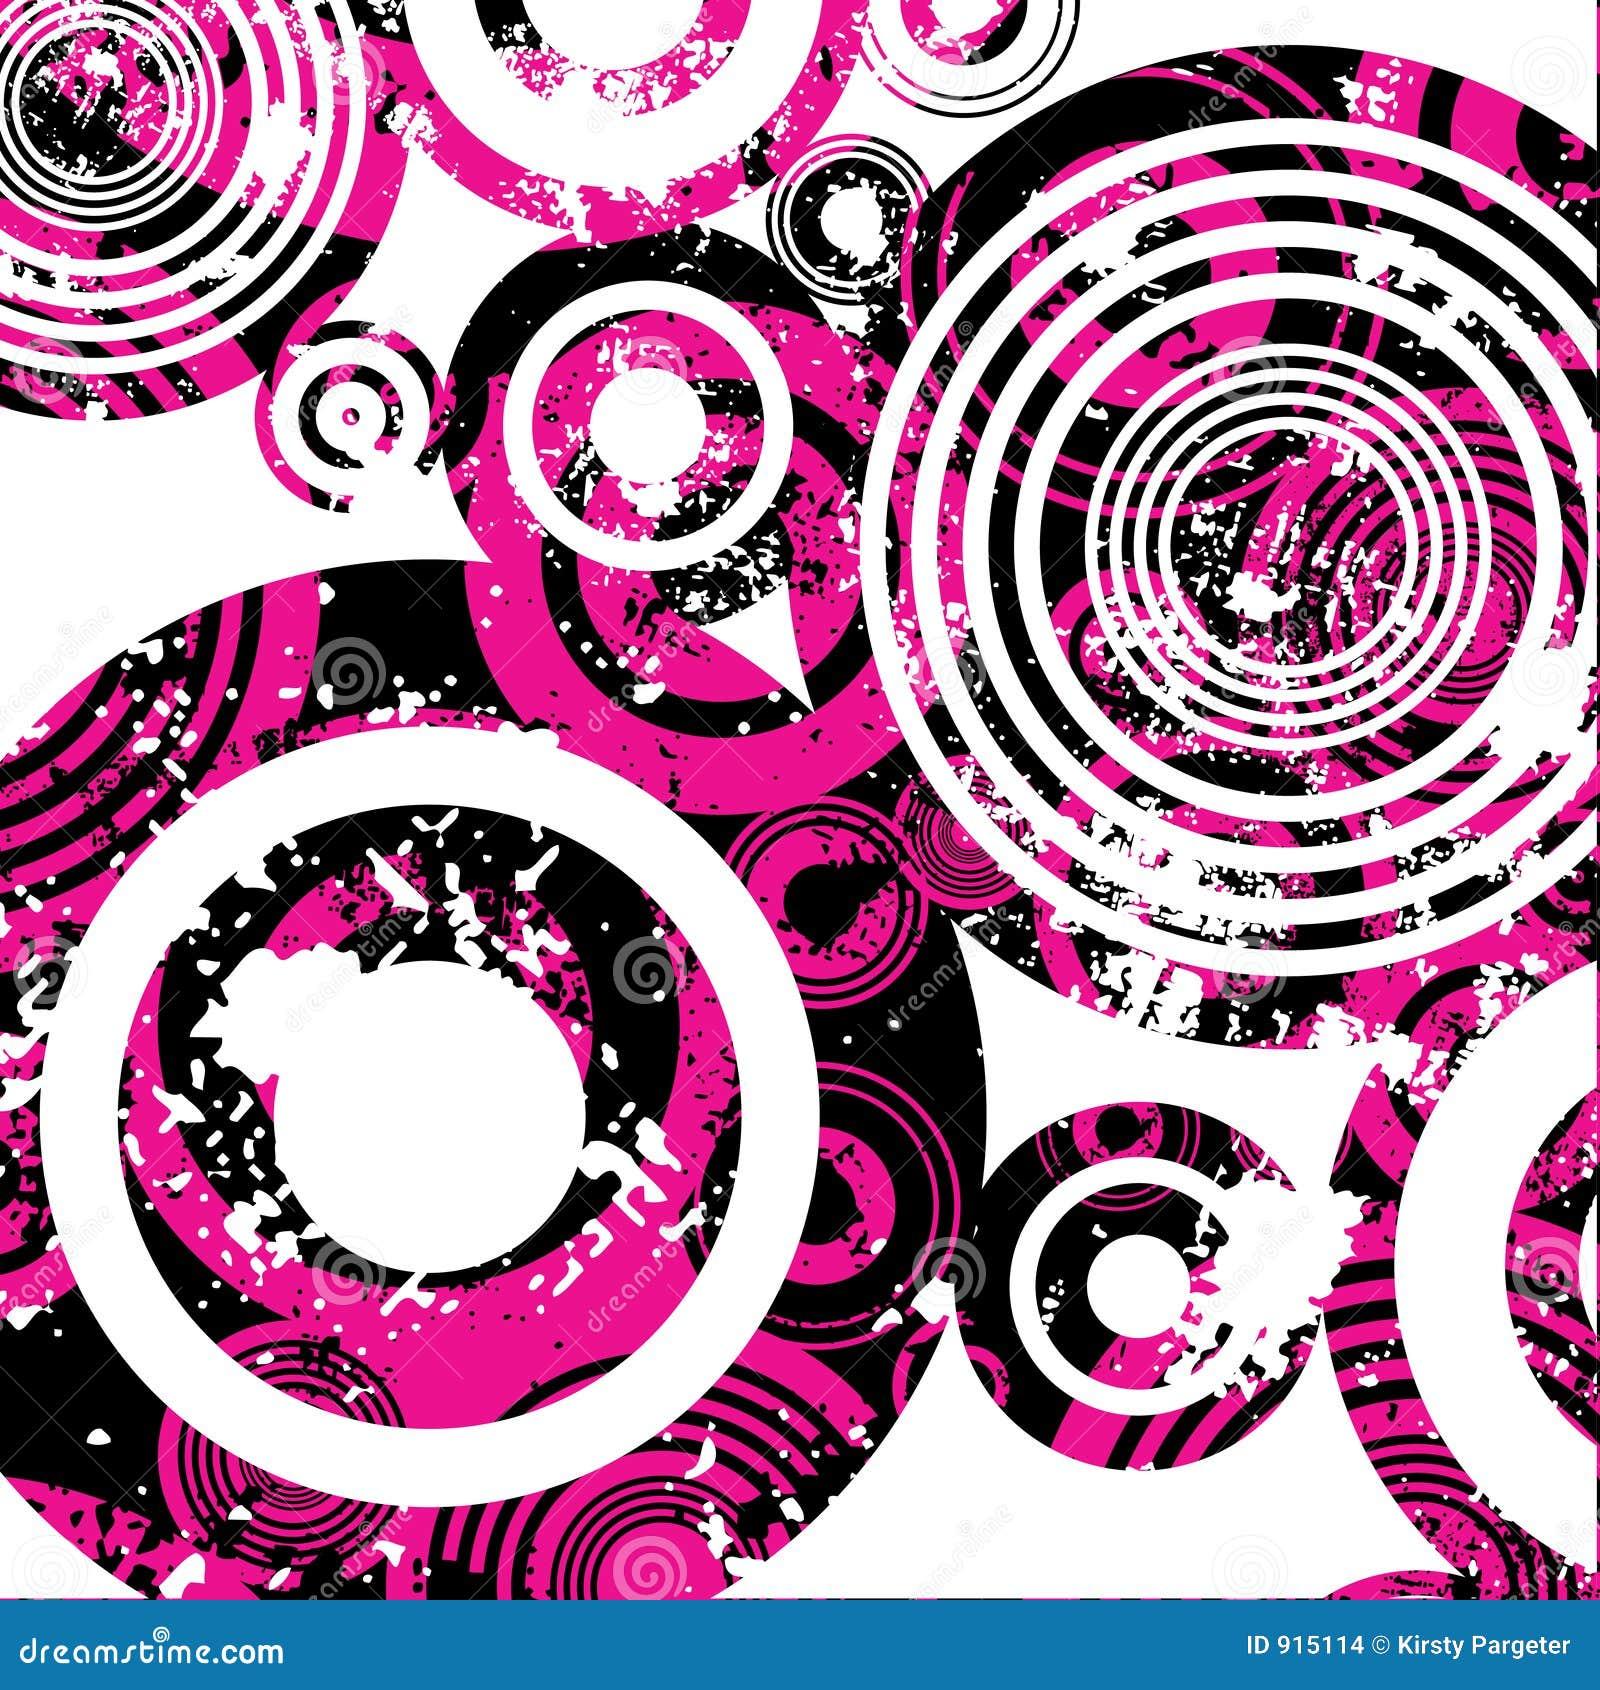 Grunge Circles Stock Images - Image: 915114